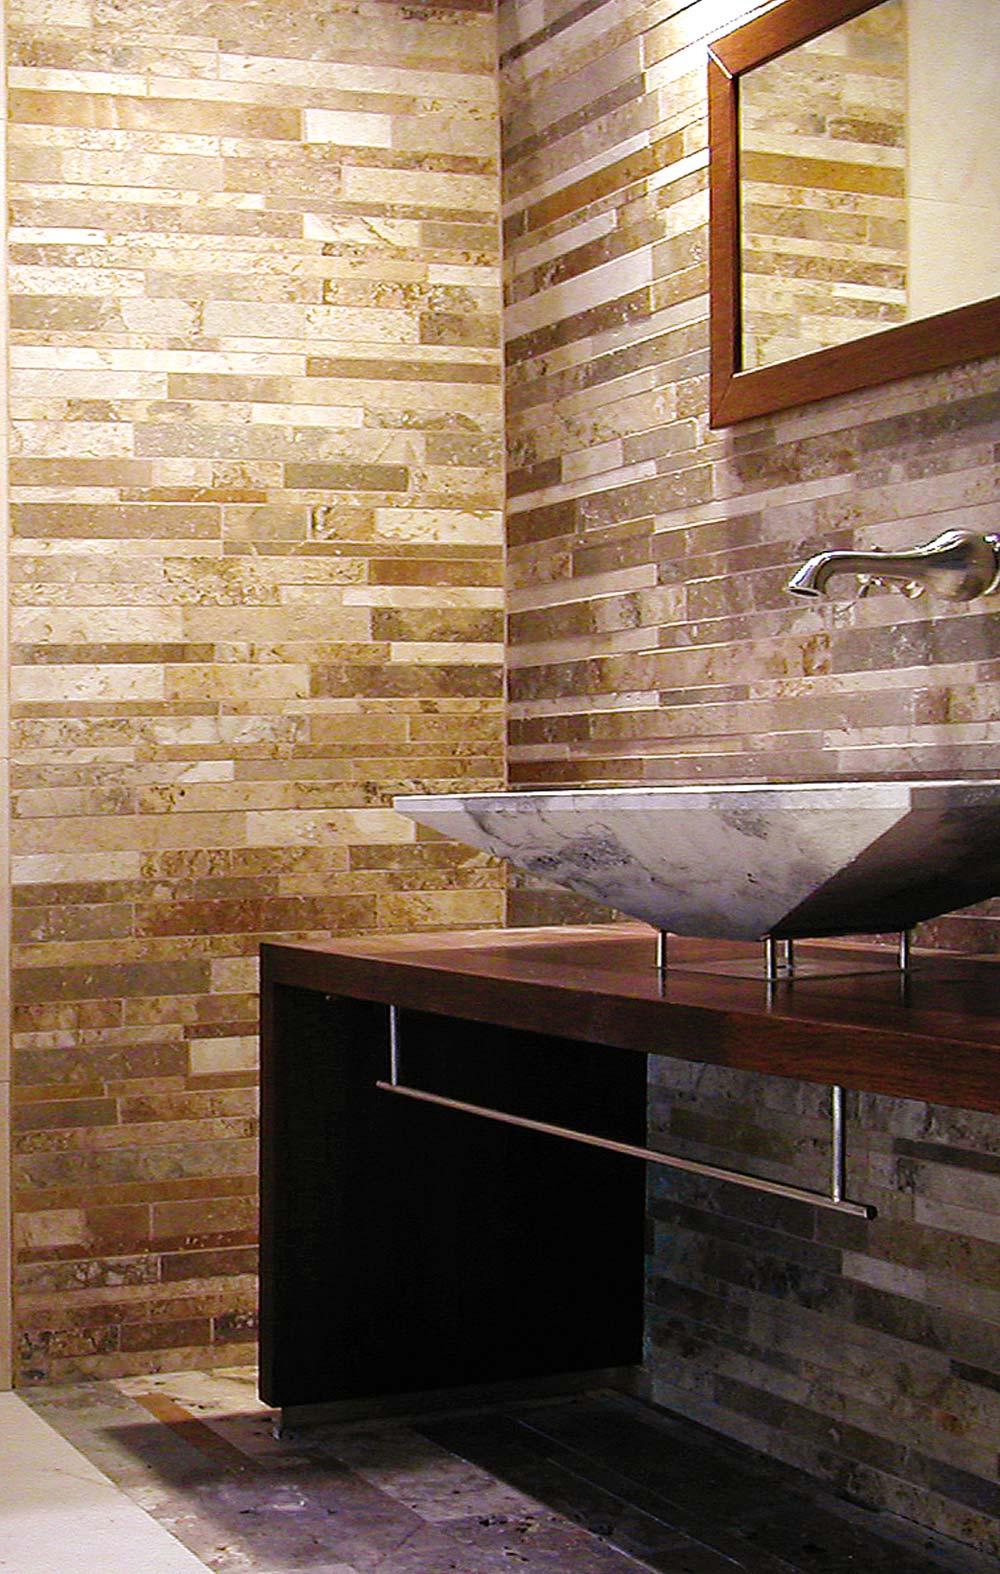 Bagno in Mosaico | Mosaici Bagno by Pietre di Rapolano